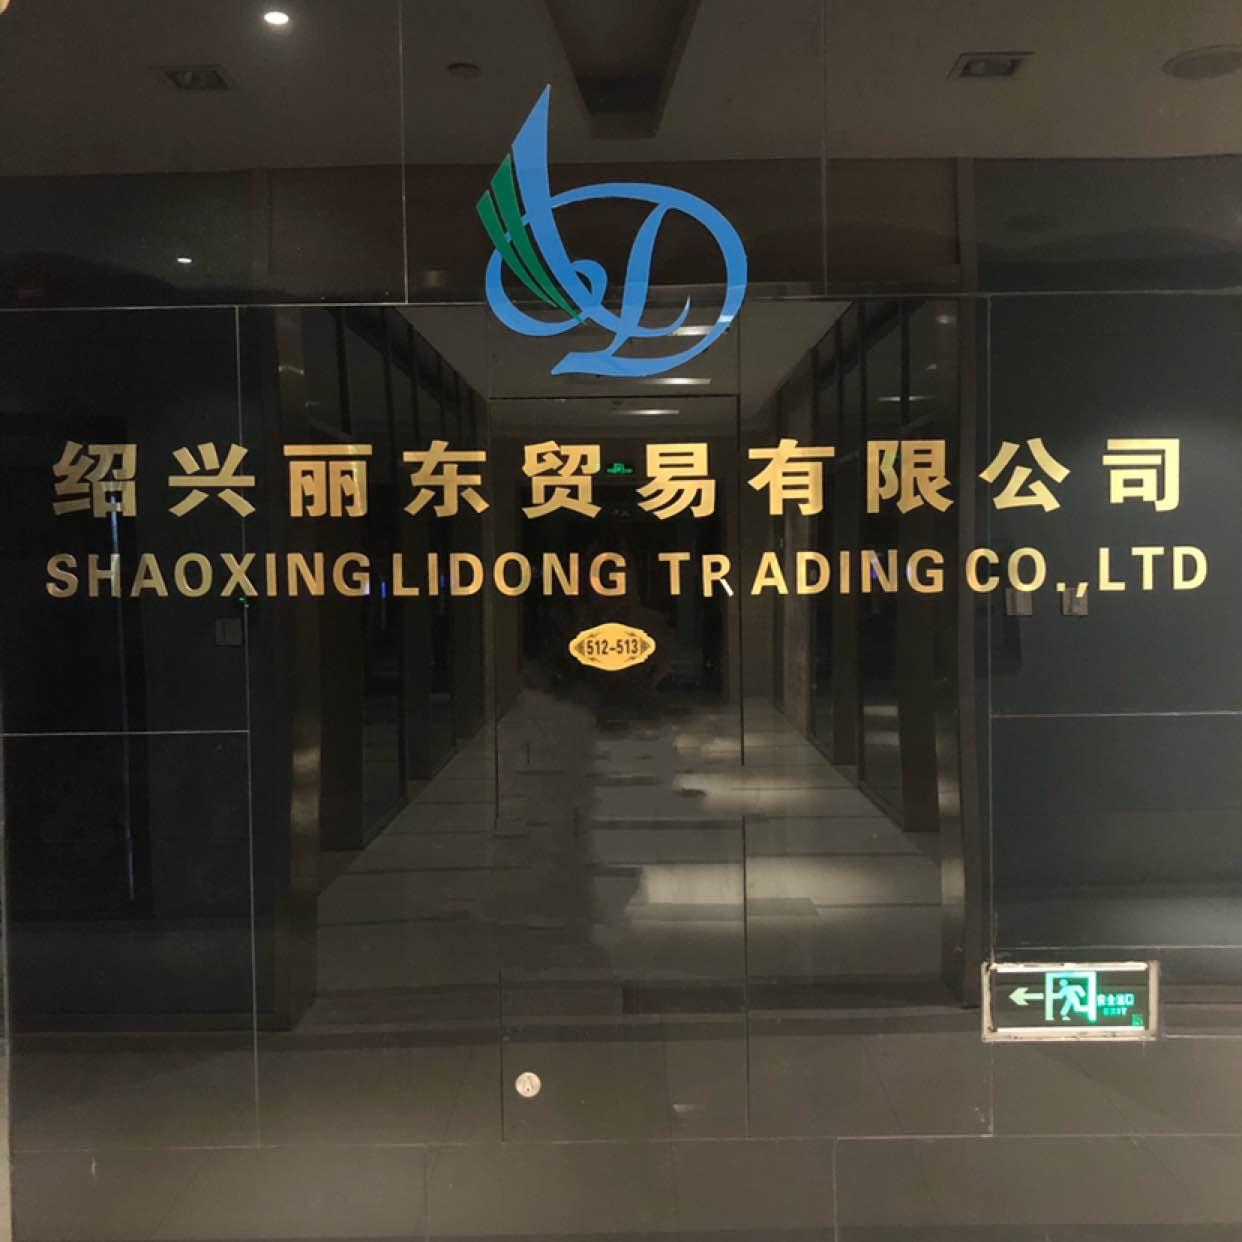 紹興麗東貿易有限公司